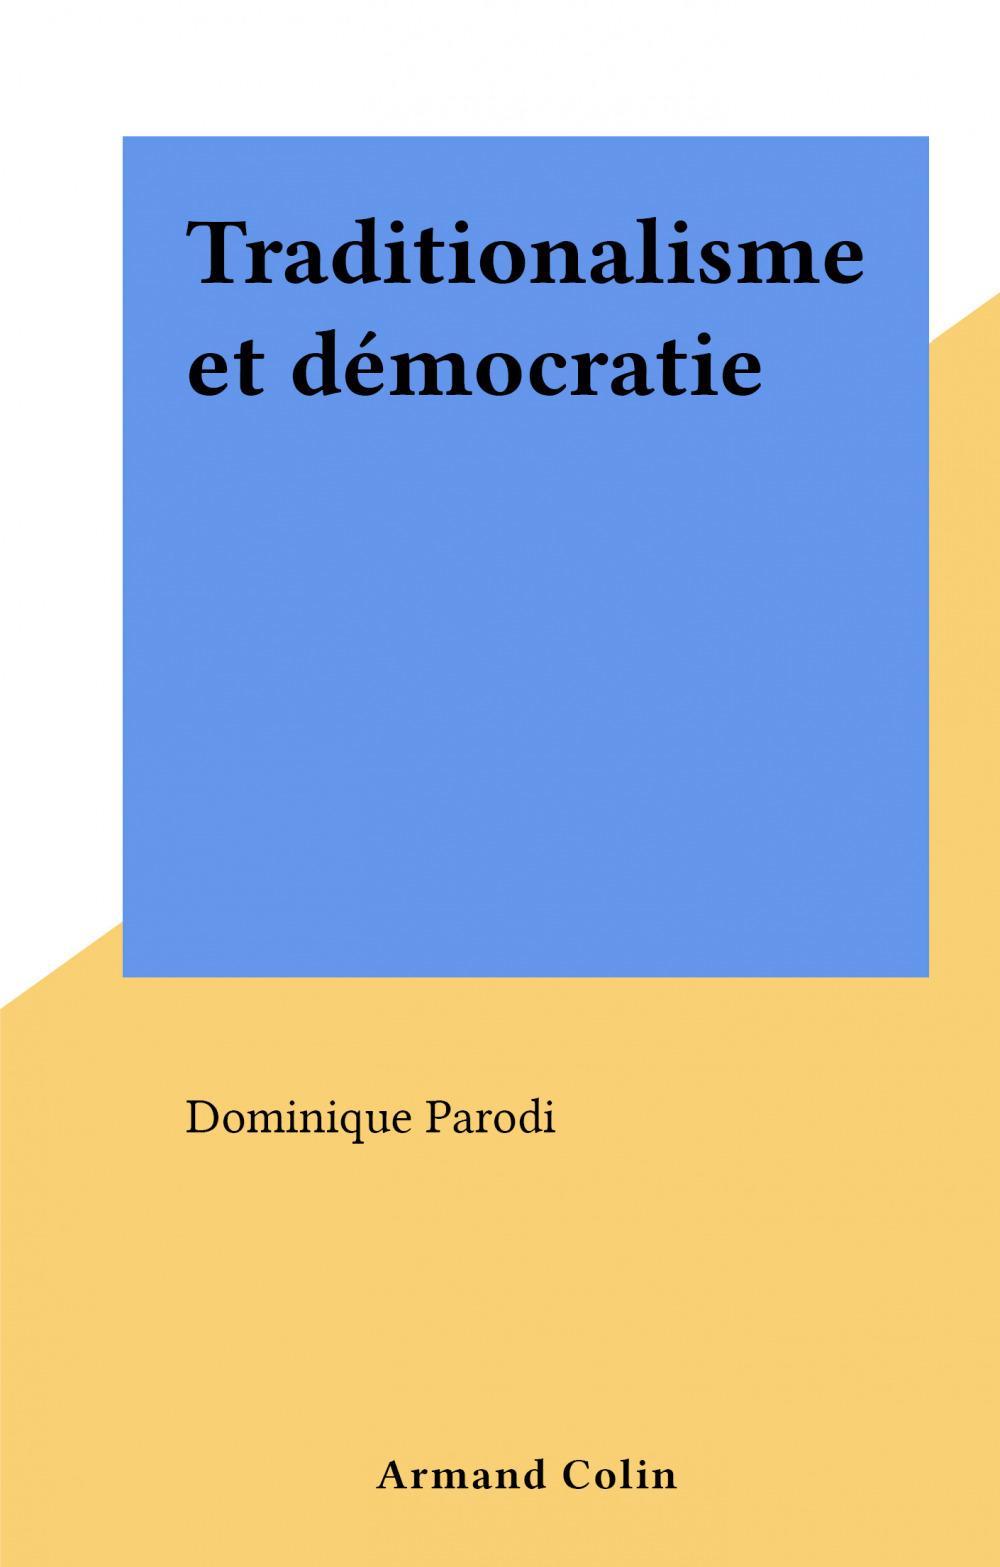 Traditionalisme et démocratie  - Dominique Parodi